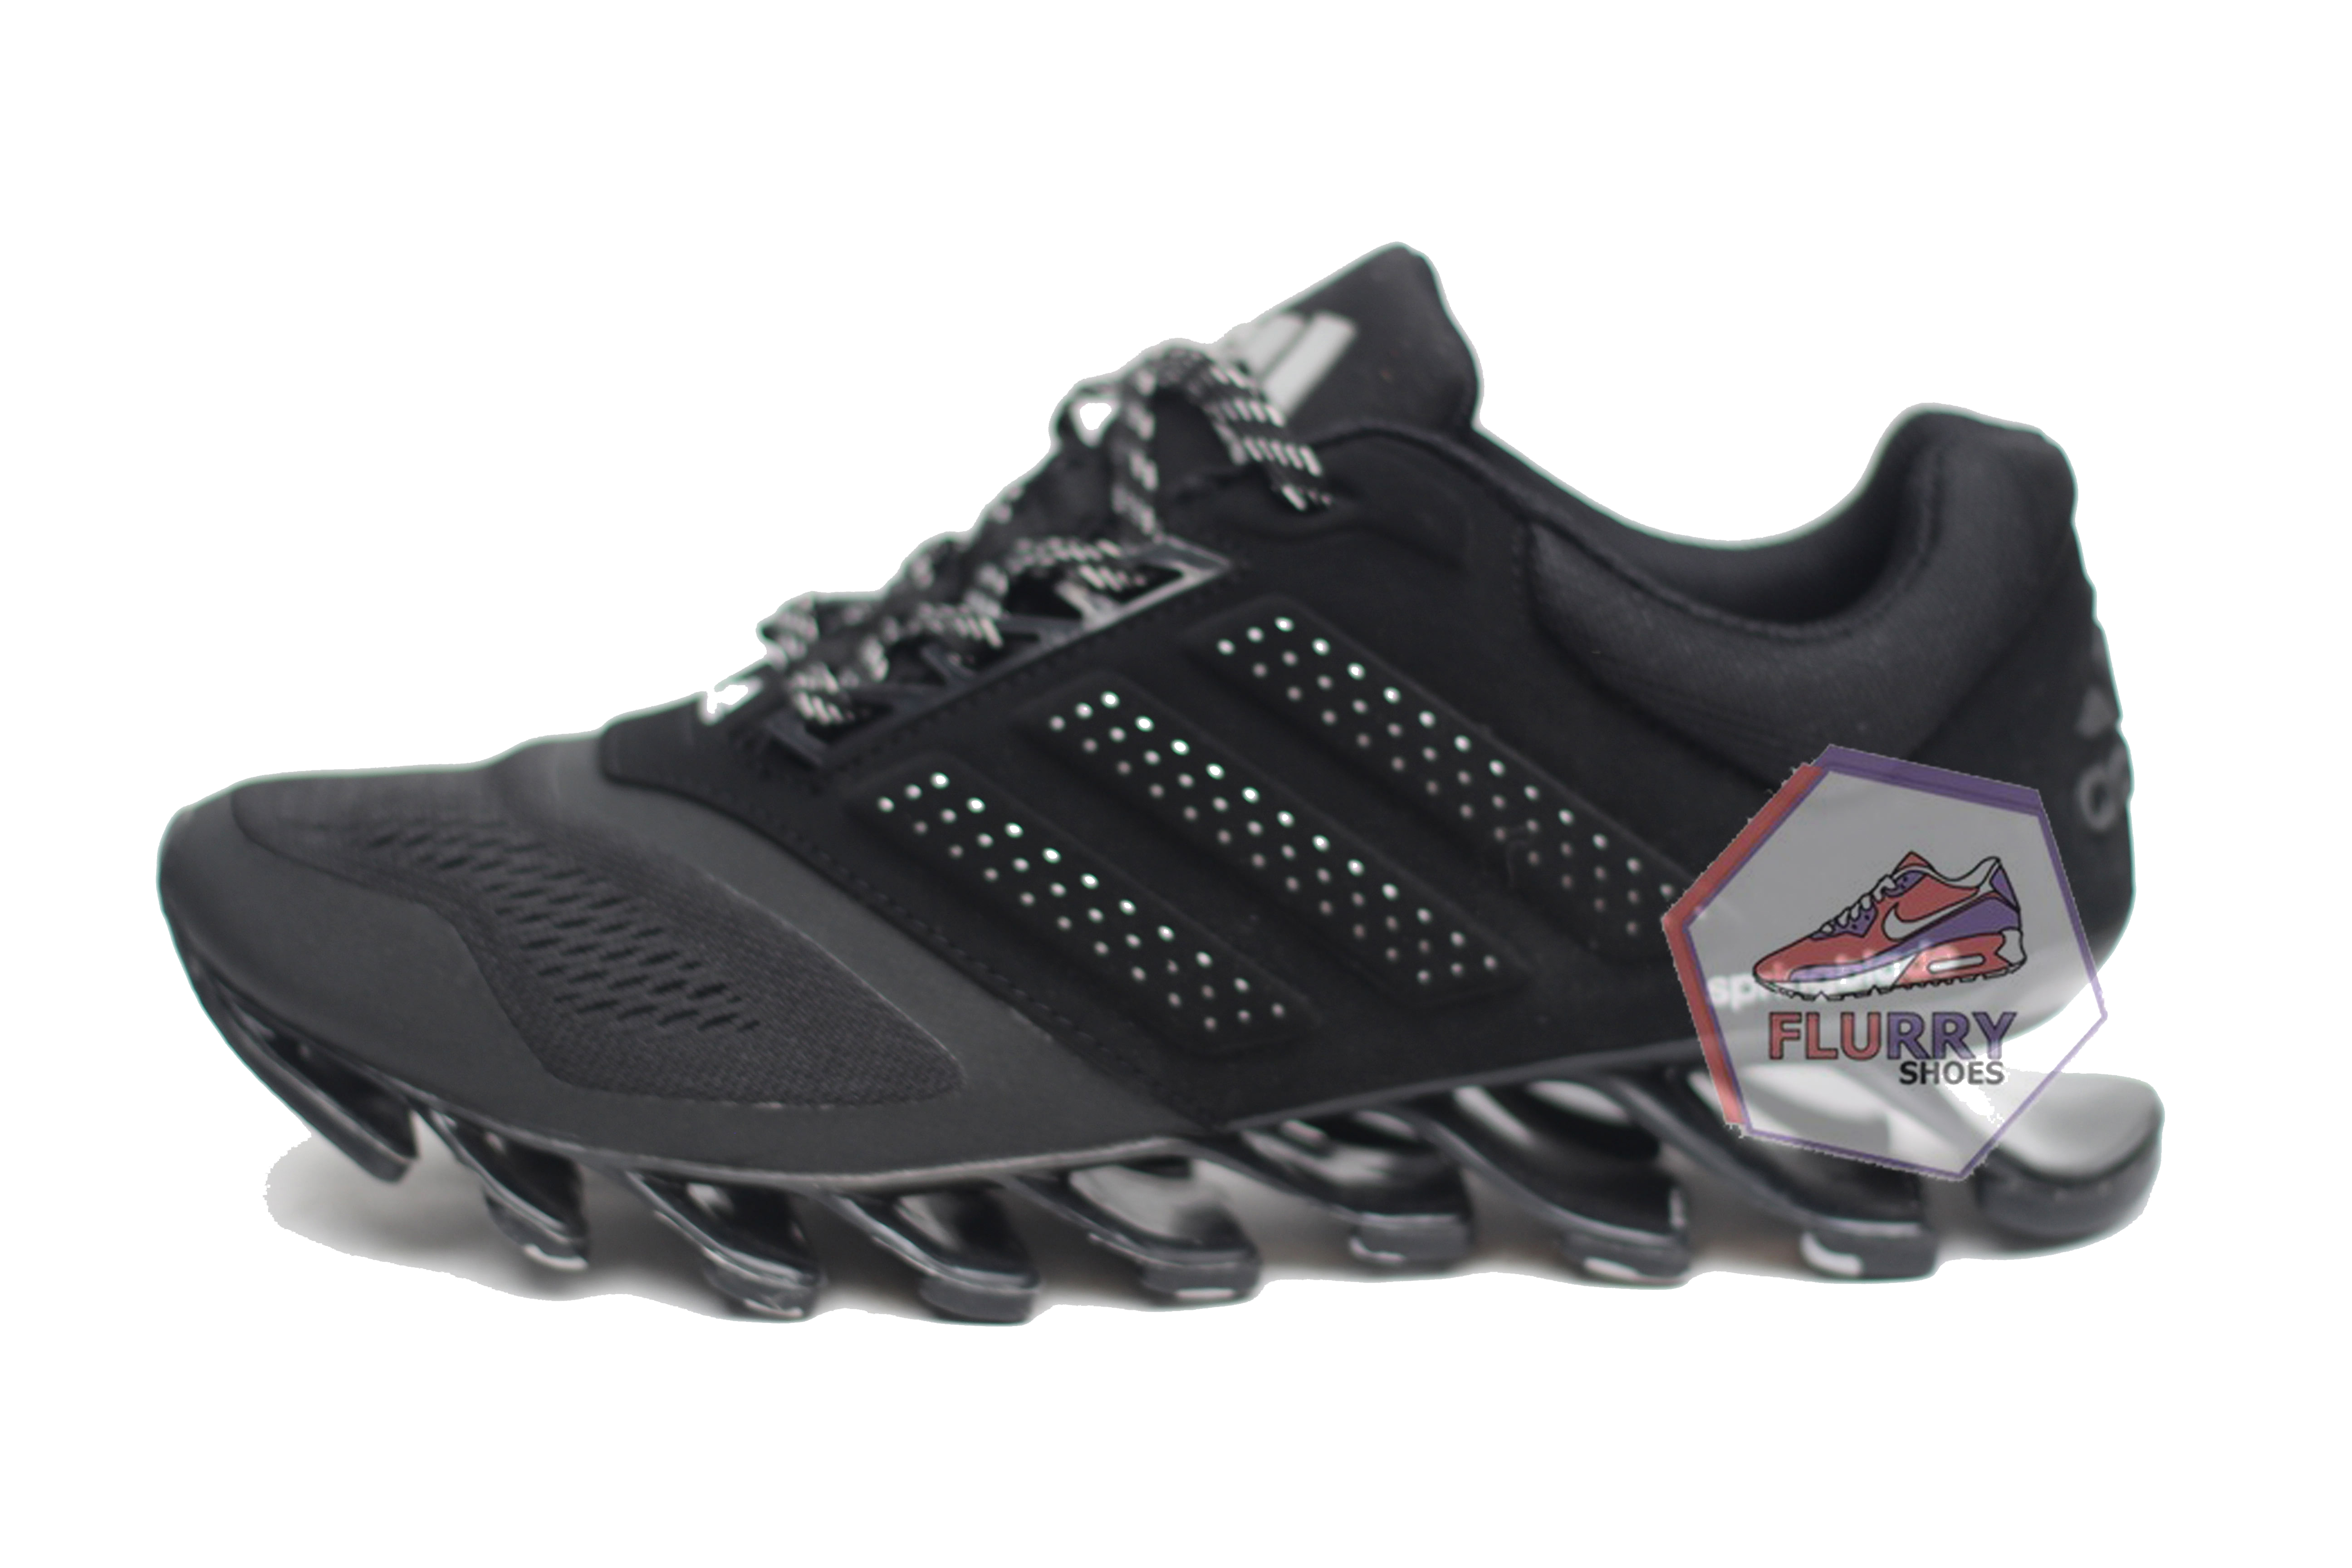 e27ba684 Купить кроссовки Adidas в Москве недорого.